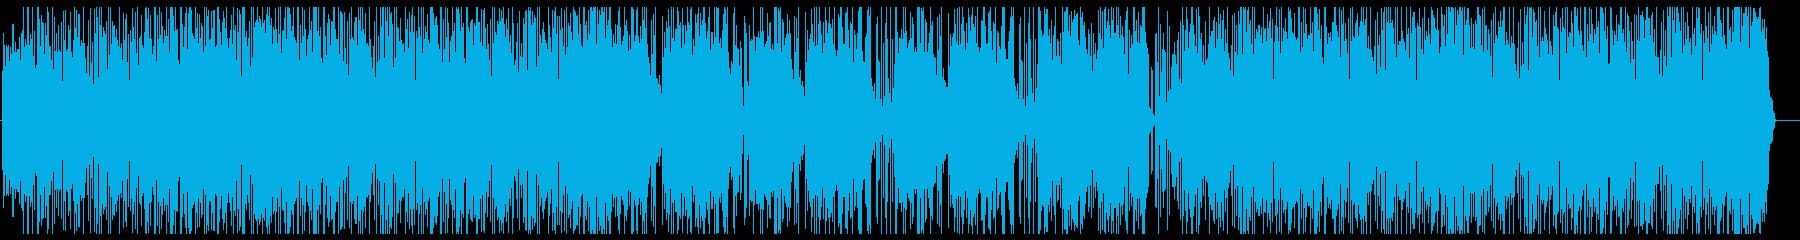 ファンク アクティブ 明るい ドラ...の再生済みの波形